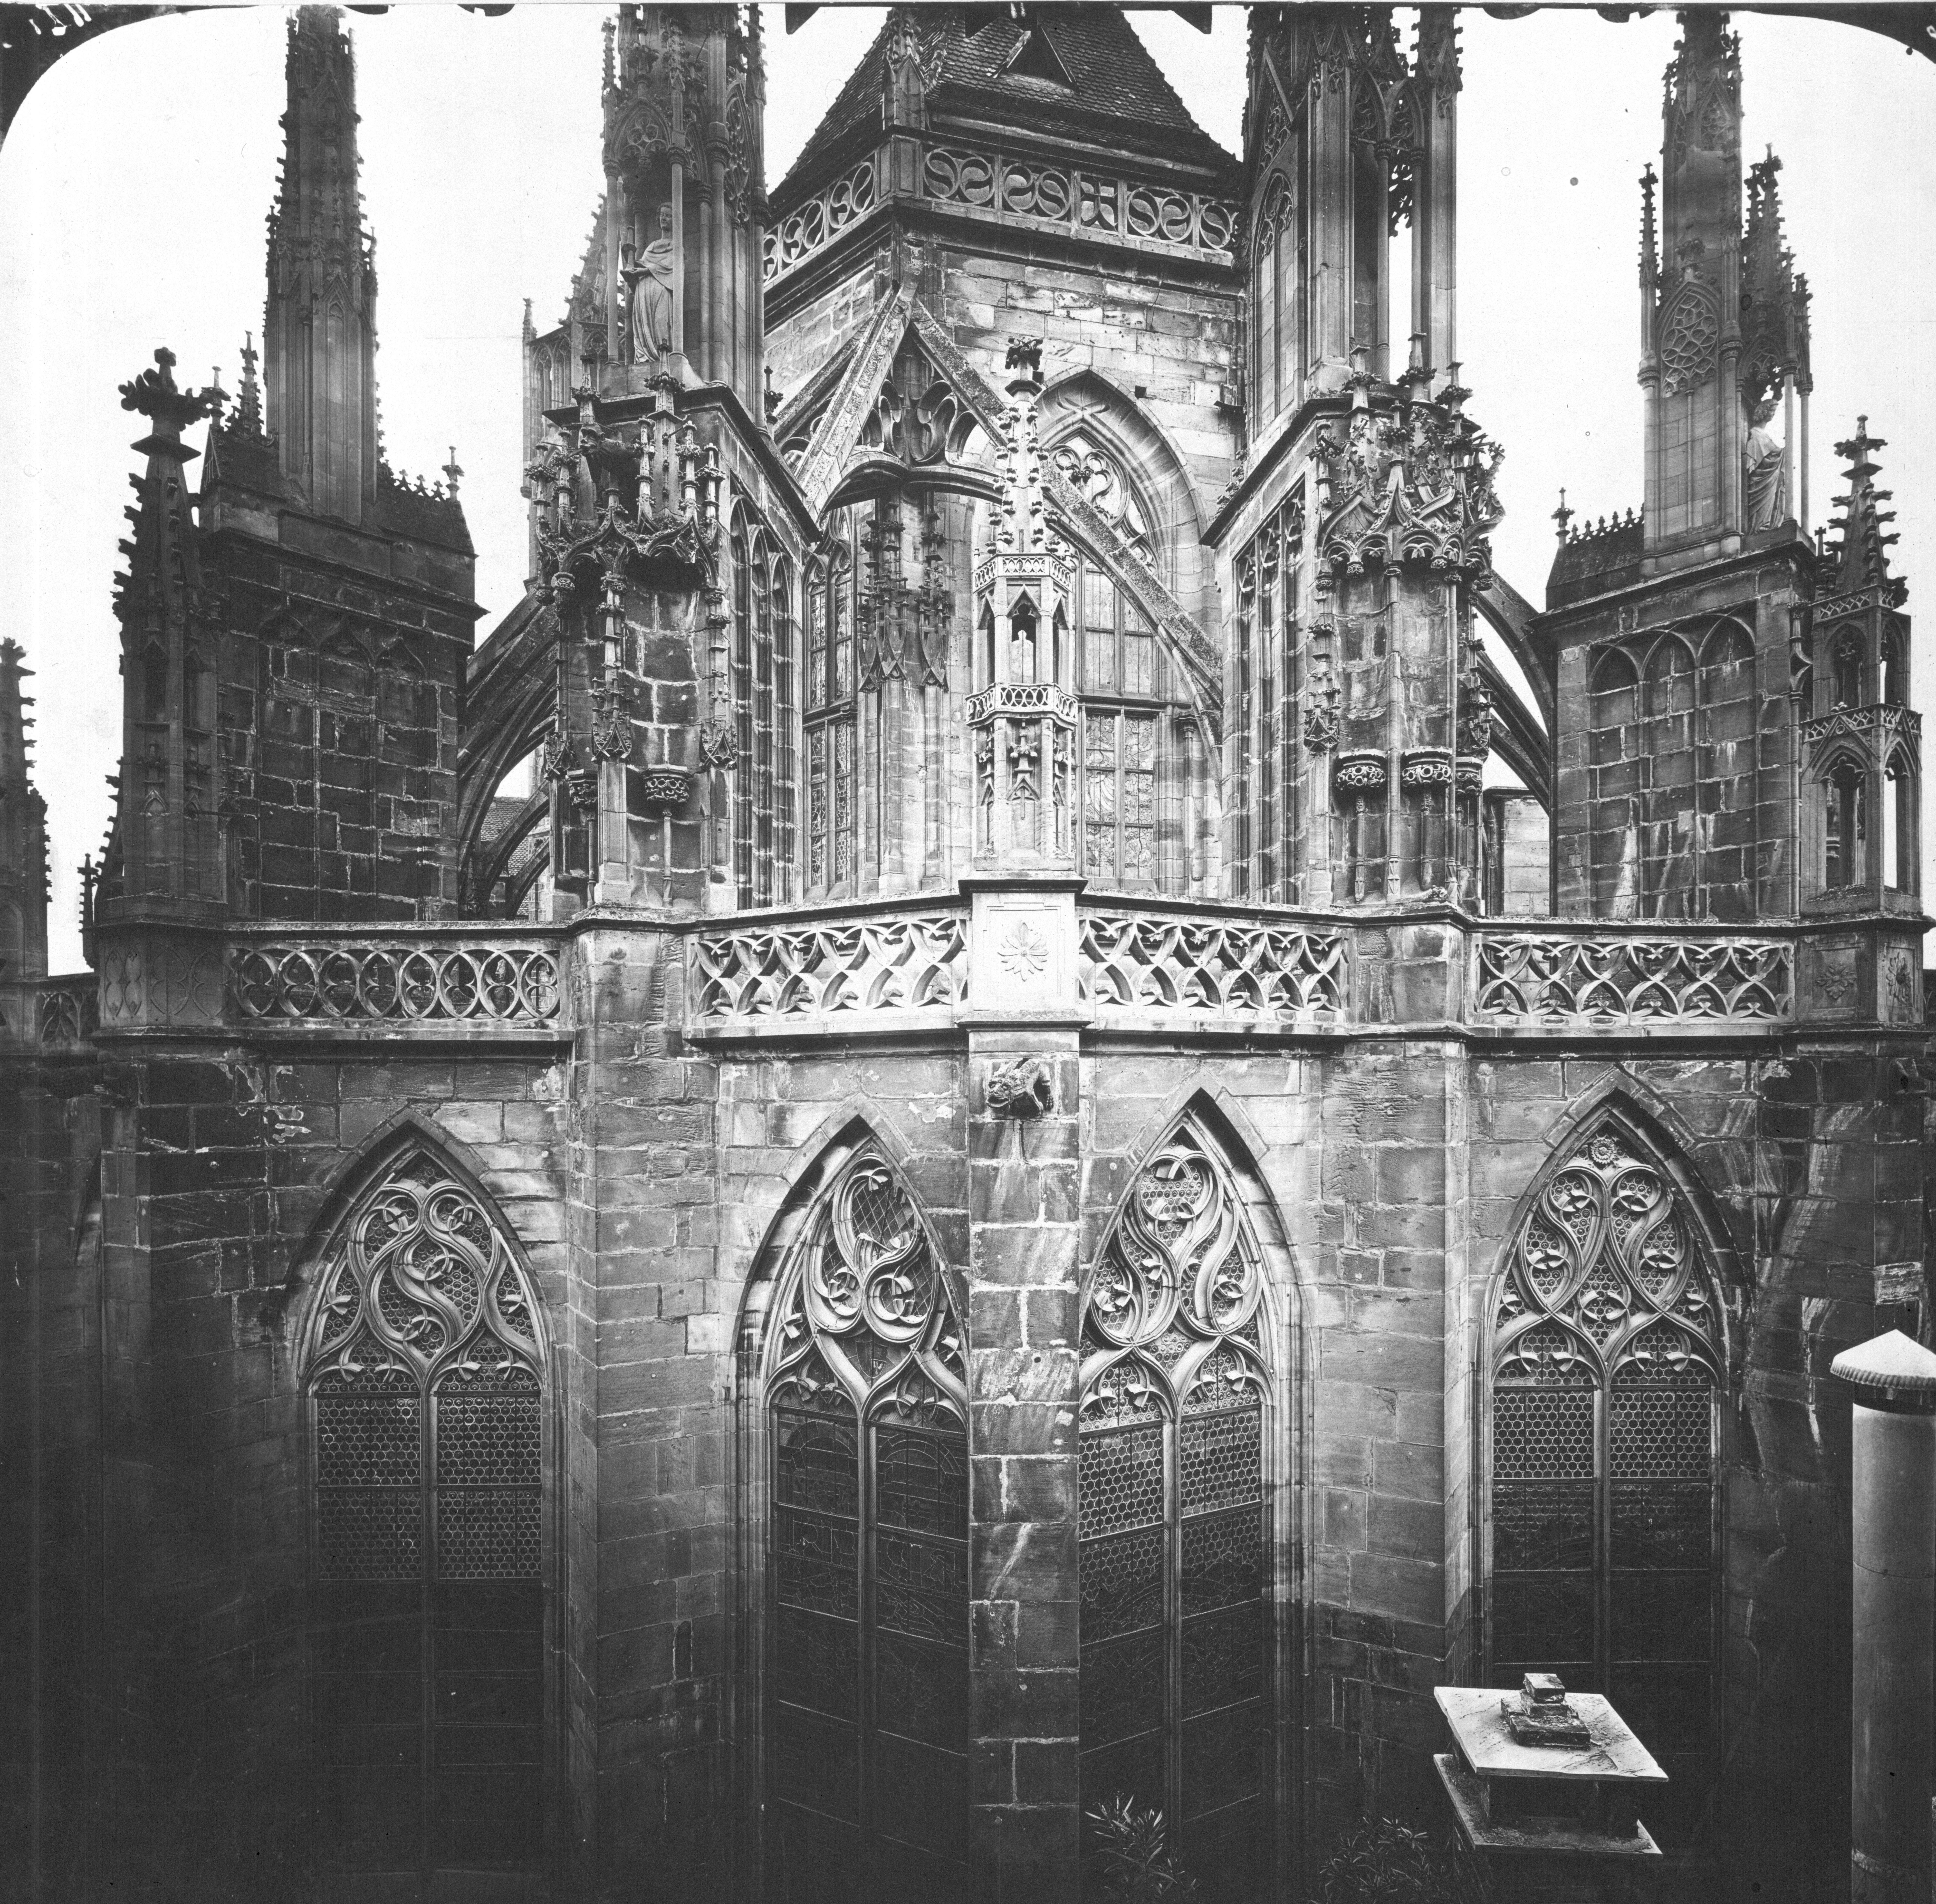 Fotografie um 1900 vom ursprünglichen Zustand der Chor-Musterachse (vgl. nächstes Foto für 3D-Rekonstruktion).